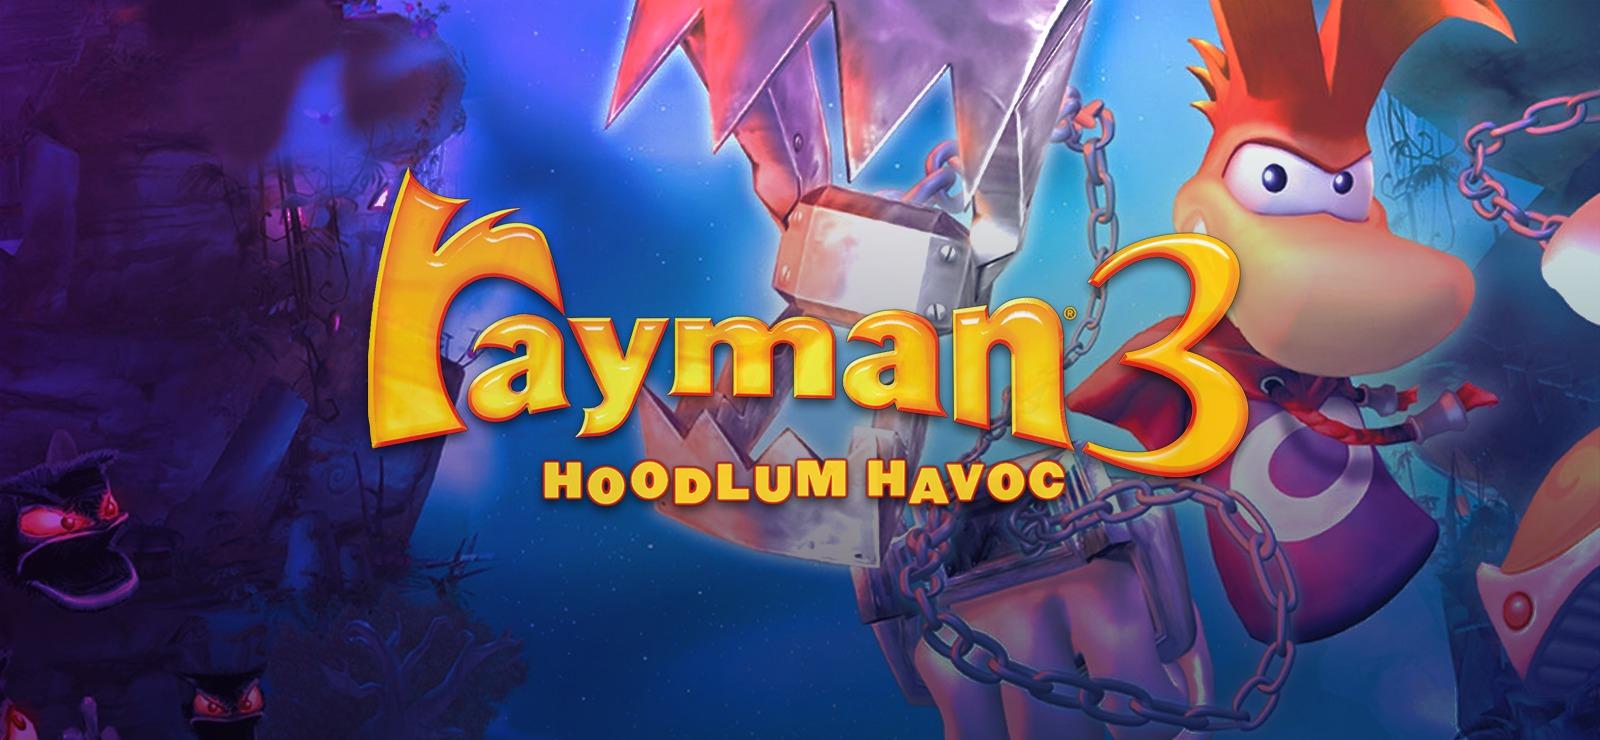 Sélection de jeux en promotion (Dématérialisés) - Ex : Rayman 3 Hoodlum Havoc (PC)